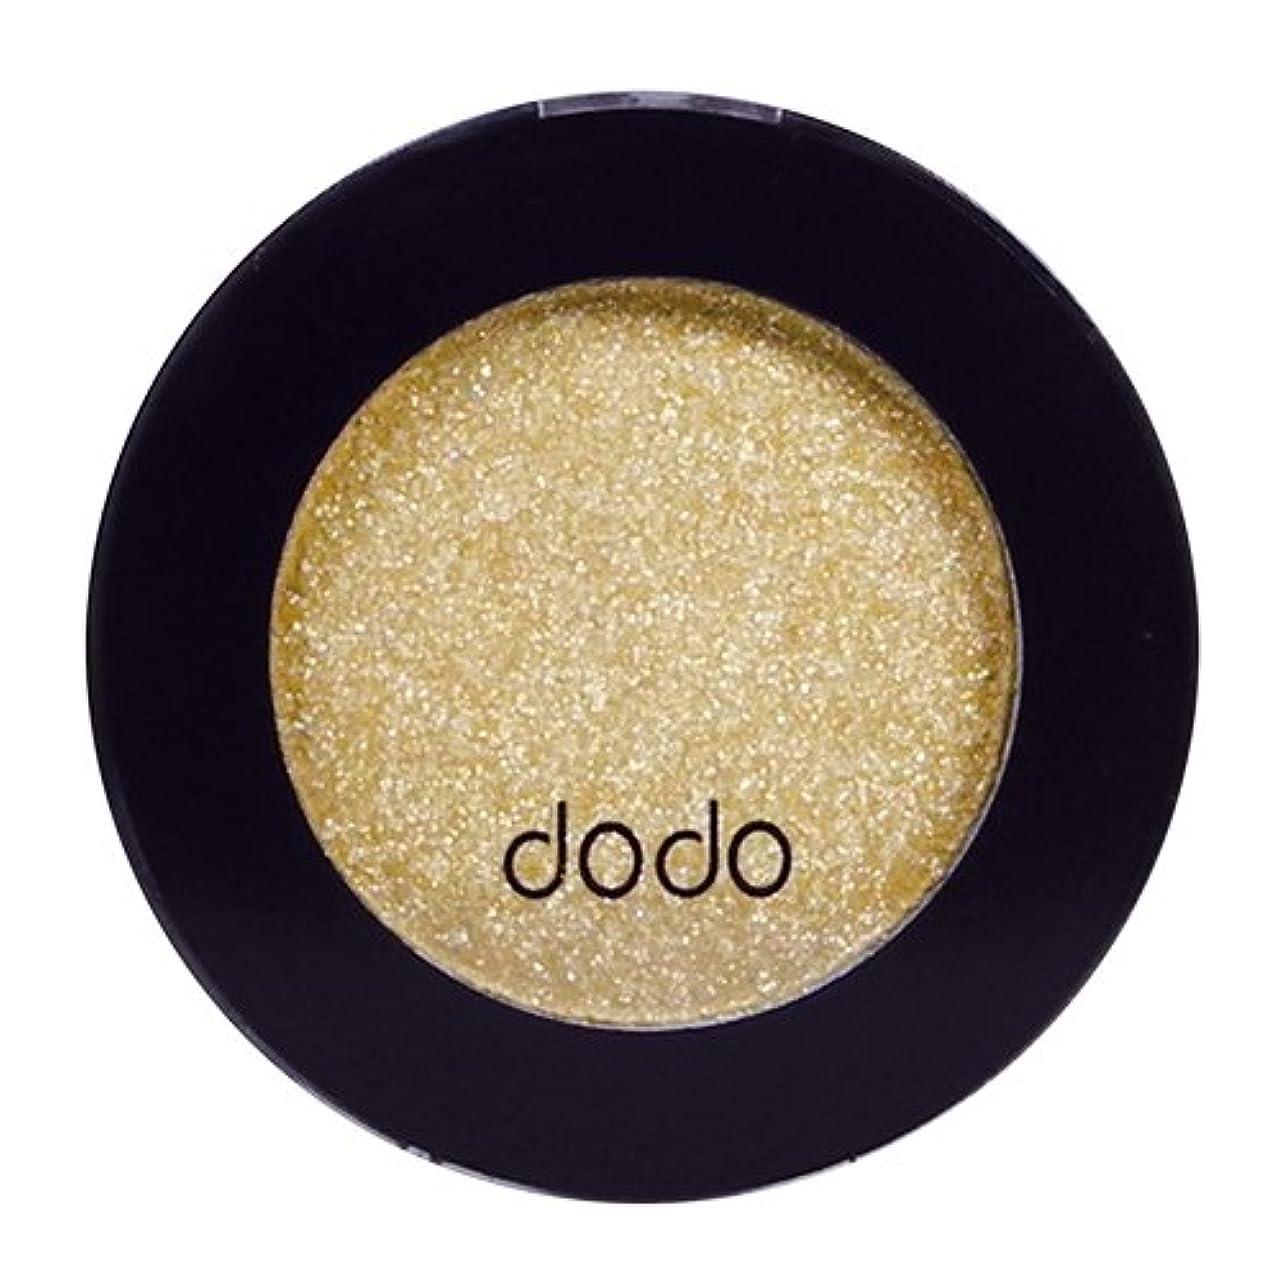 モールス信号毎週机dodo(ドド) アイシャドウ NO2 ゴールド (2g)